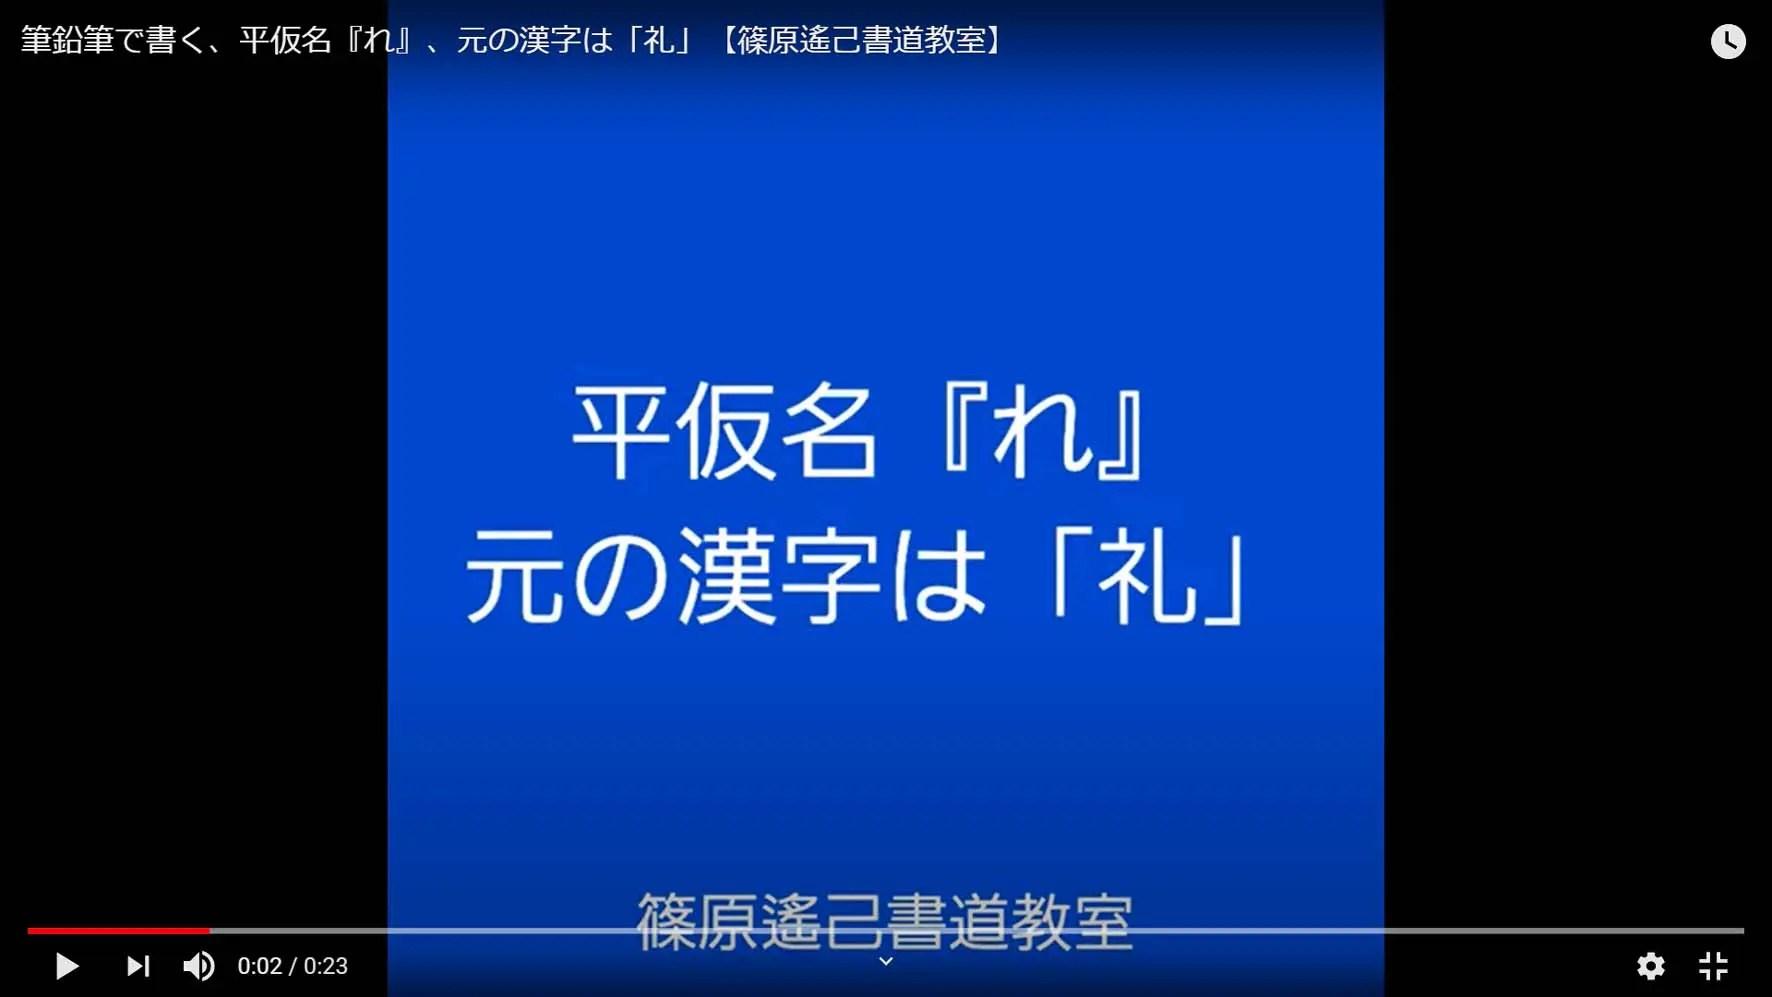 筆鉛筆で書く、平仮名『れ』【手書き動画】鎌倉市長谷の書道教室